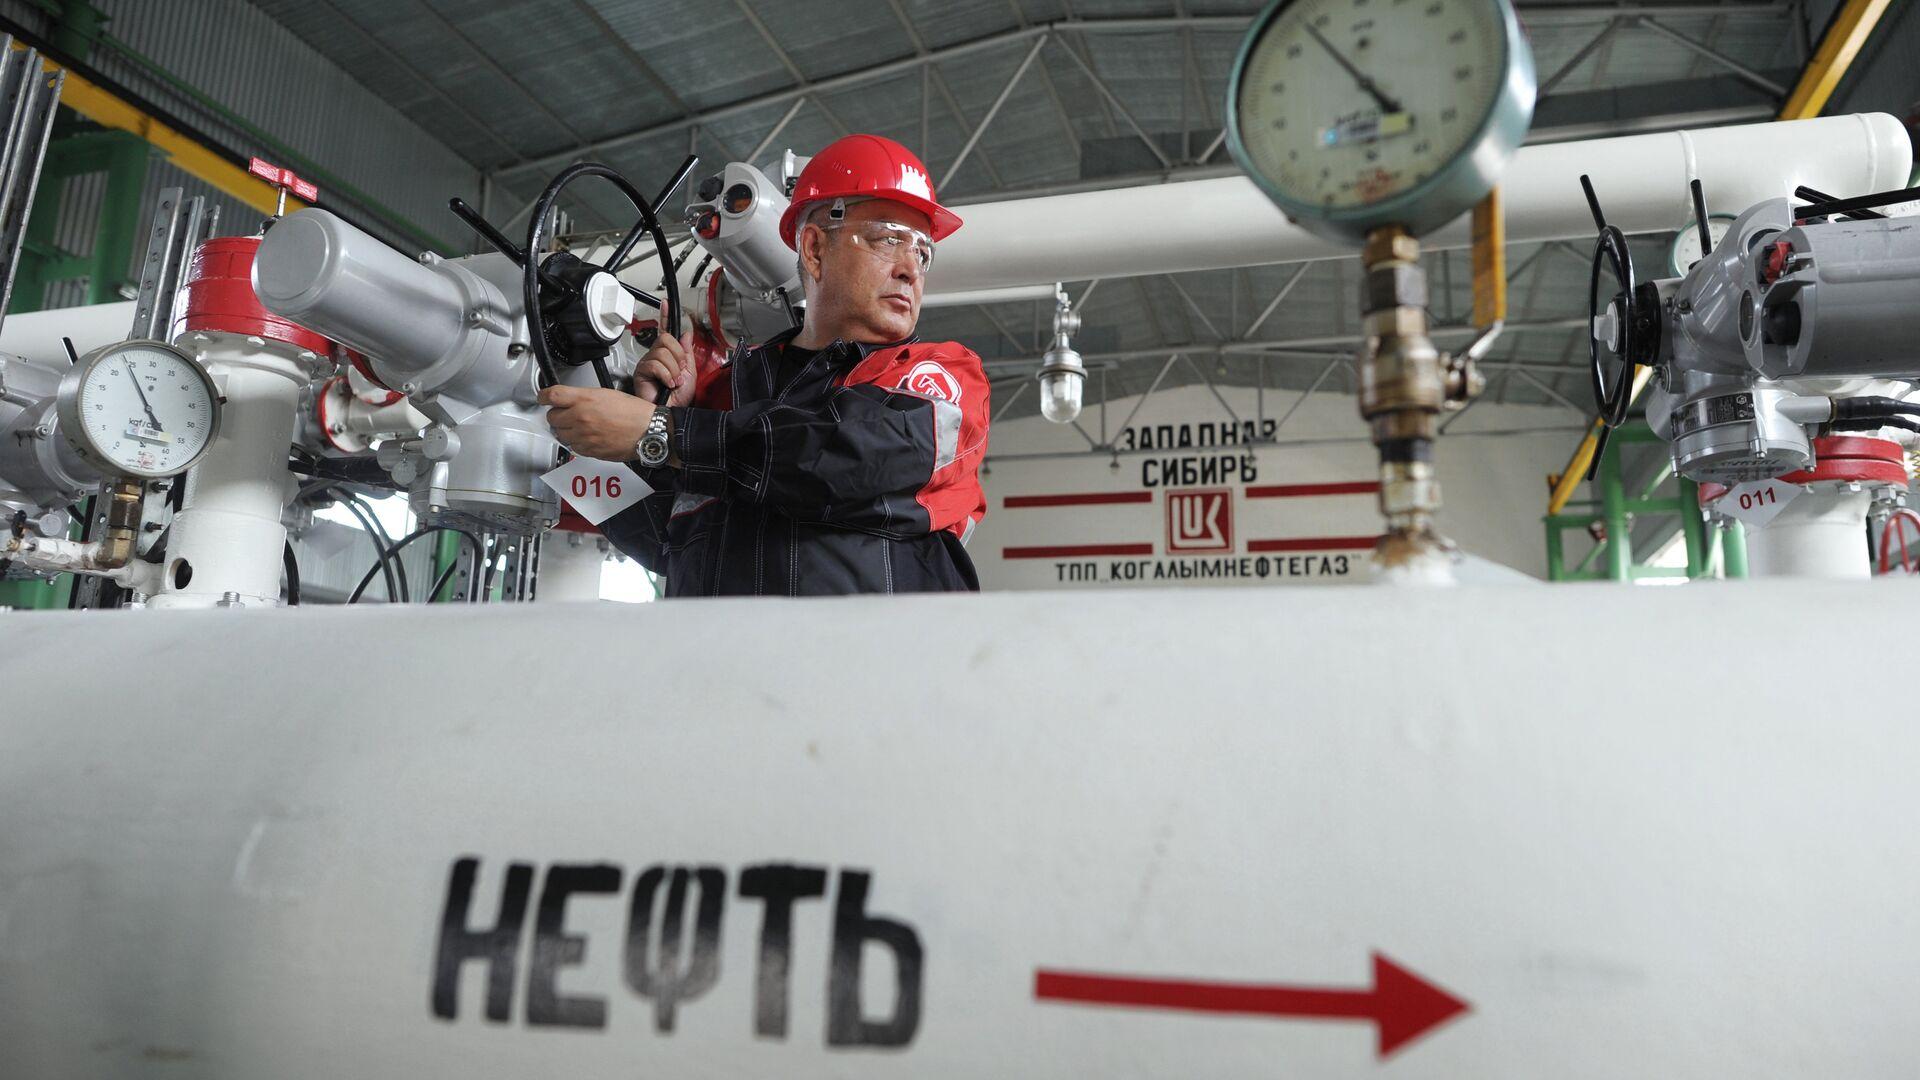 Рабочий на пункте подготовки нефти  - РИА Новости, 1920, 20.07.2021